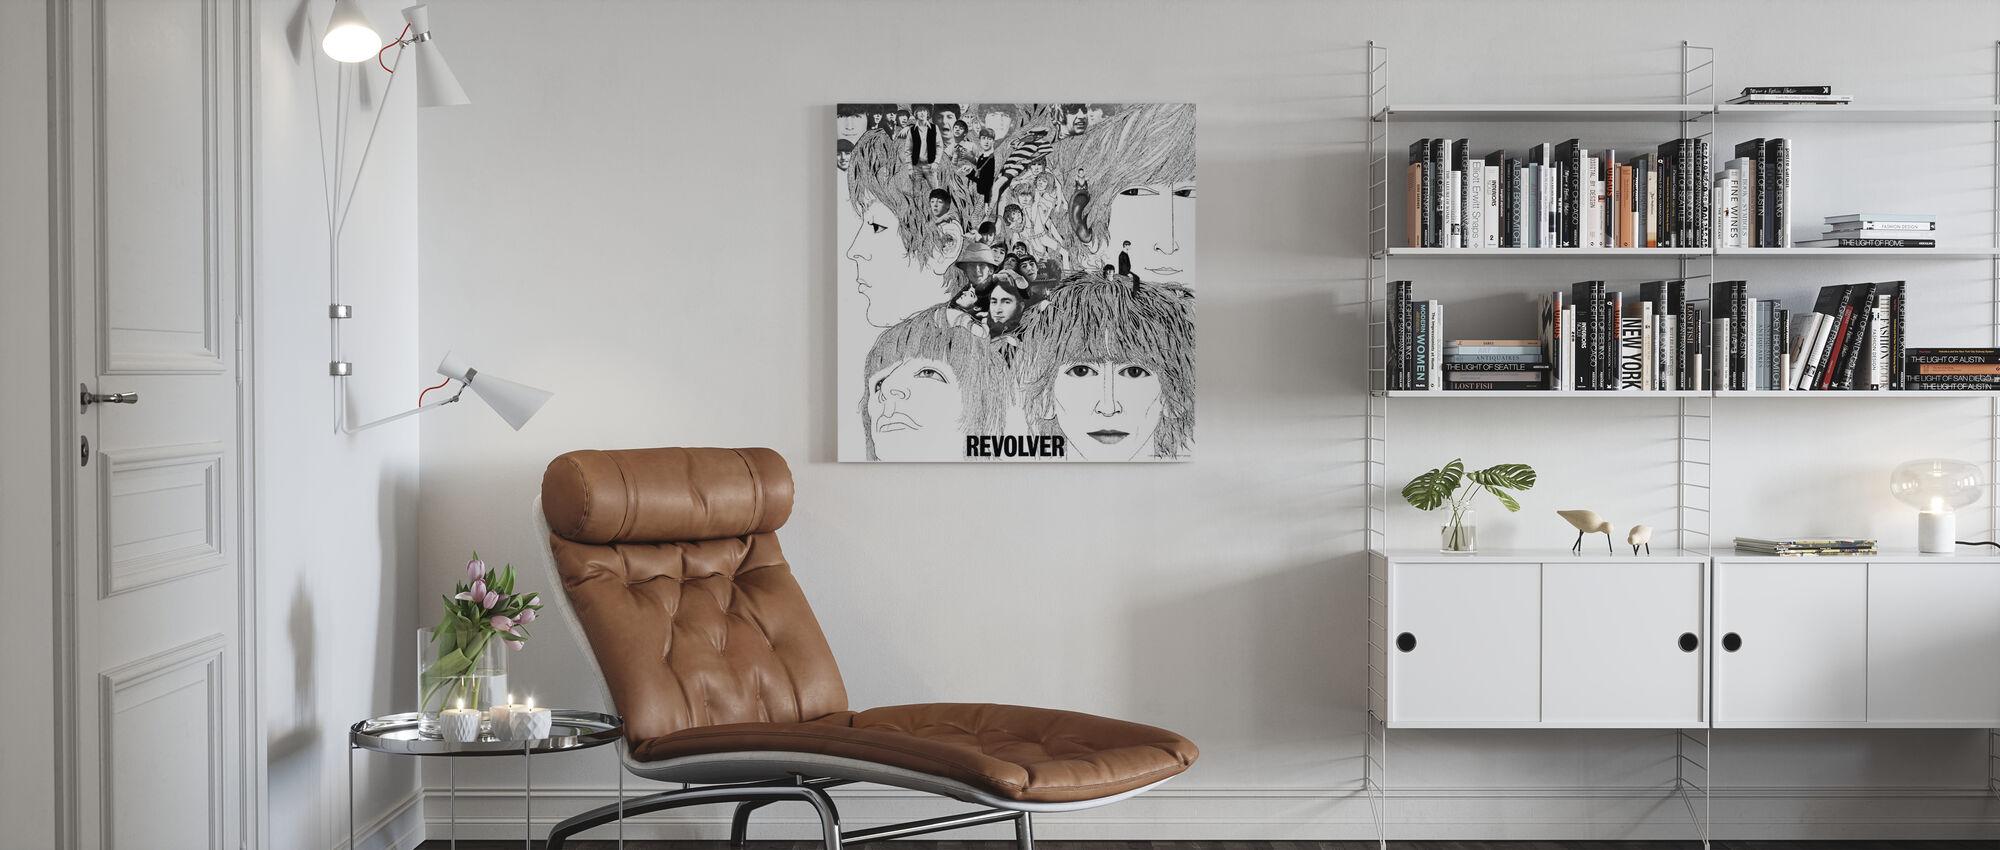 Beatles - Revolver - Impression sur toile - Salle à manger